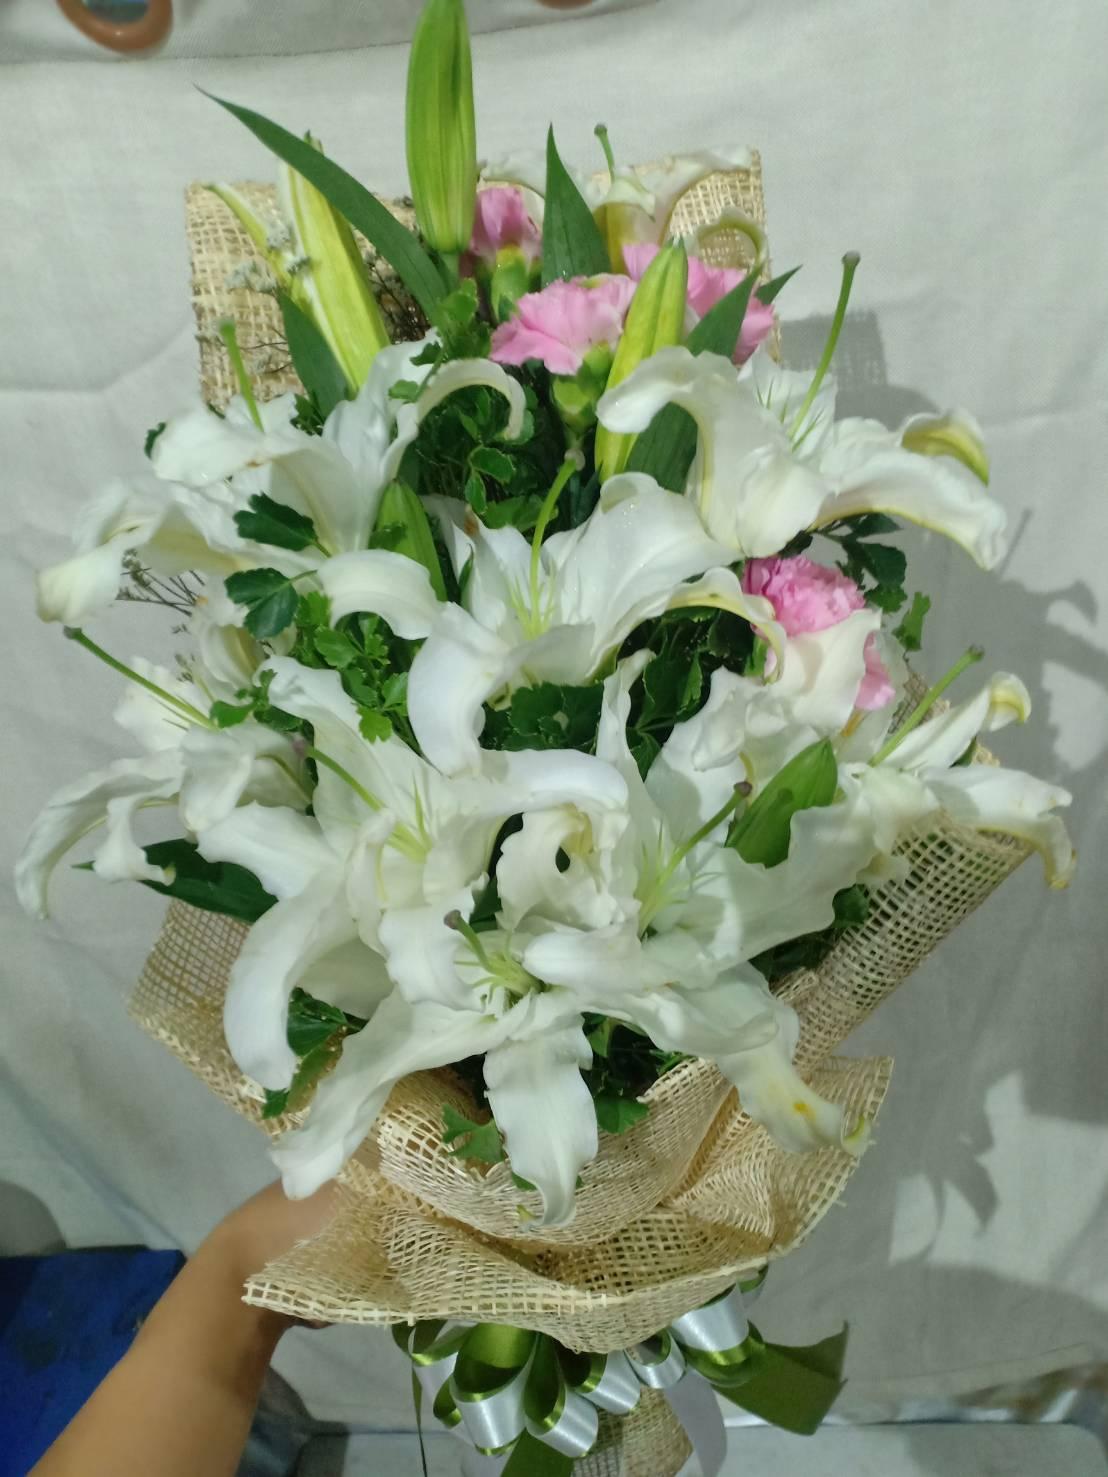 สีขาวสะอาดตาของช่อดอกไม้ คือ สัญลักษณ์แทนหัวใจที่ใสบริสุทธิ์